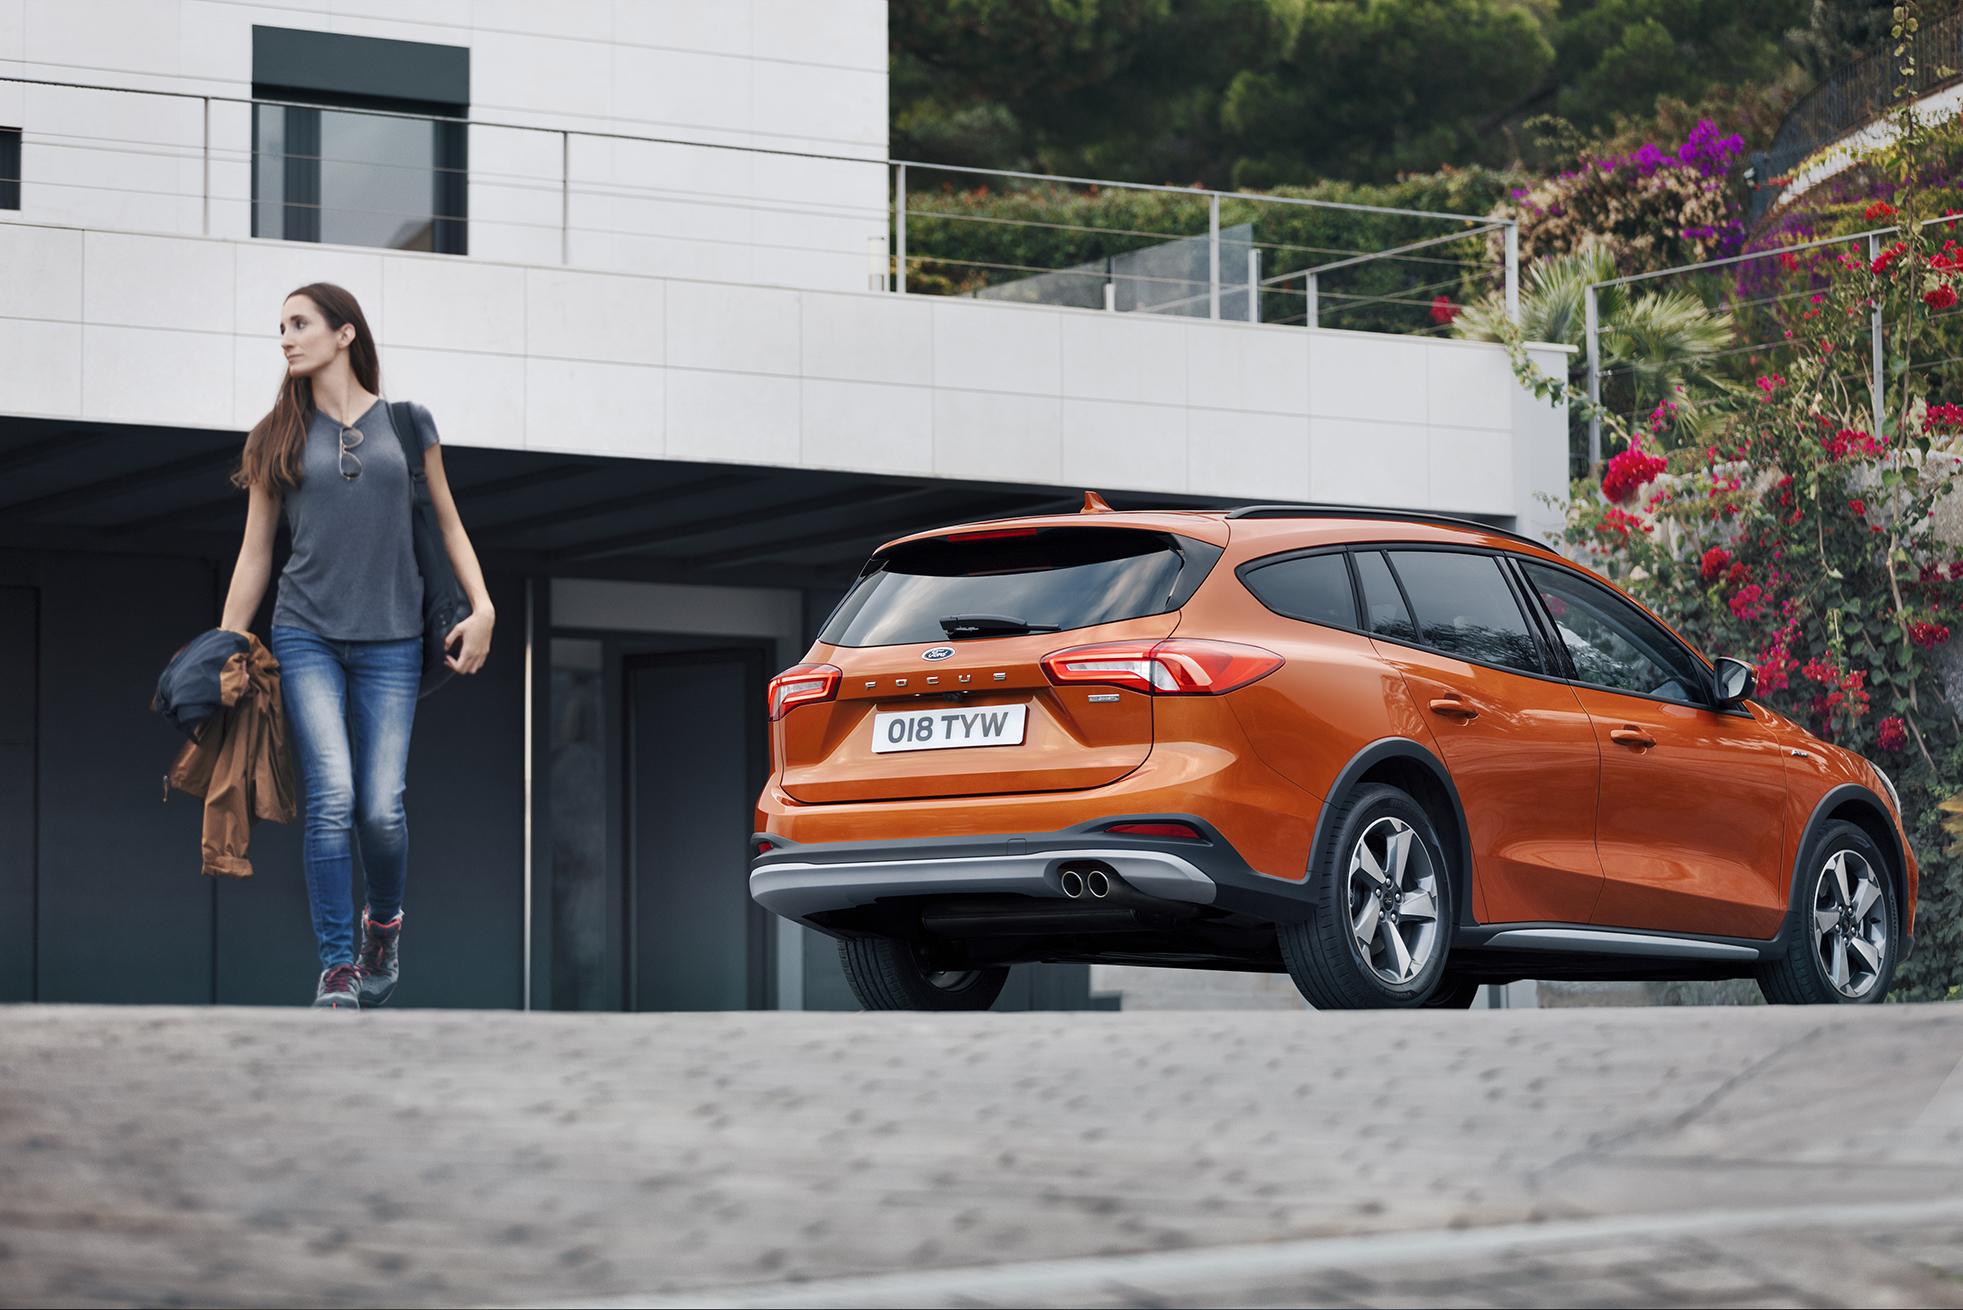 Novi Ford Focus: Odločen biti najboljši